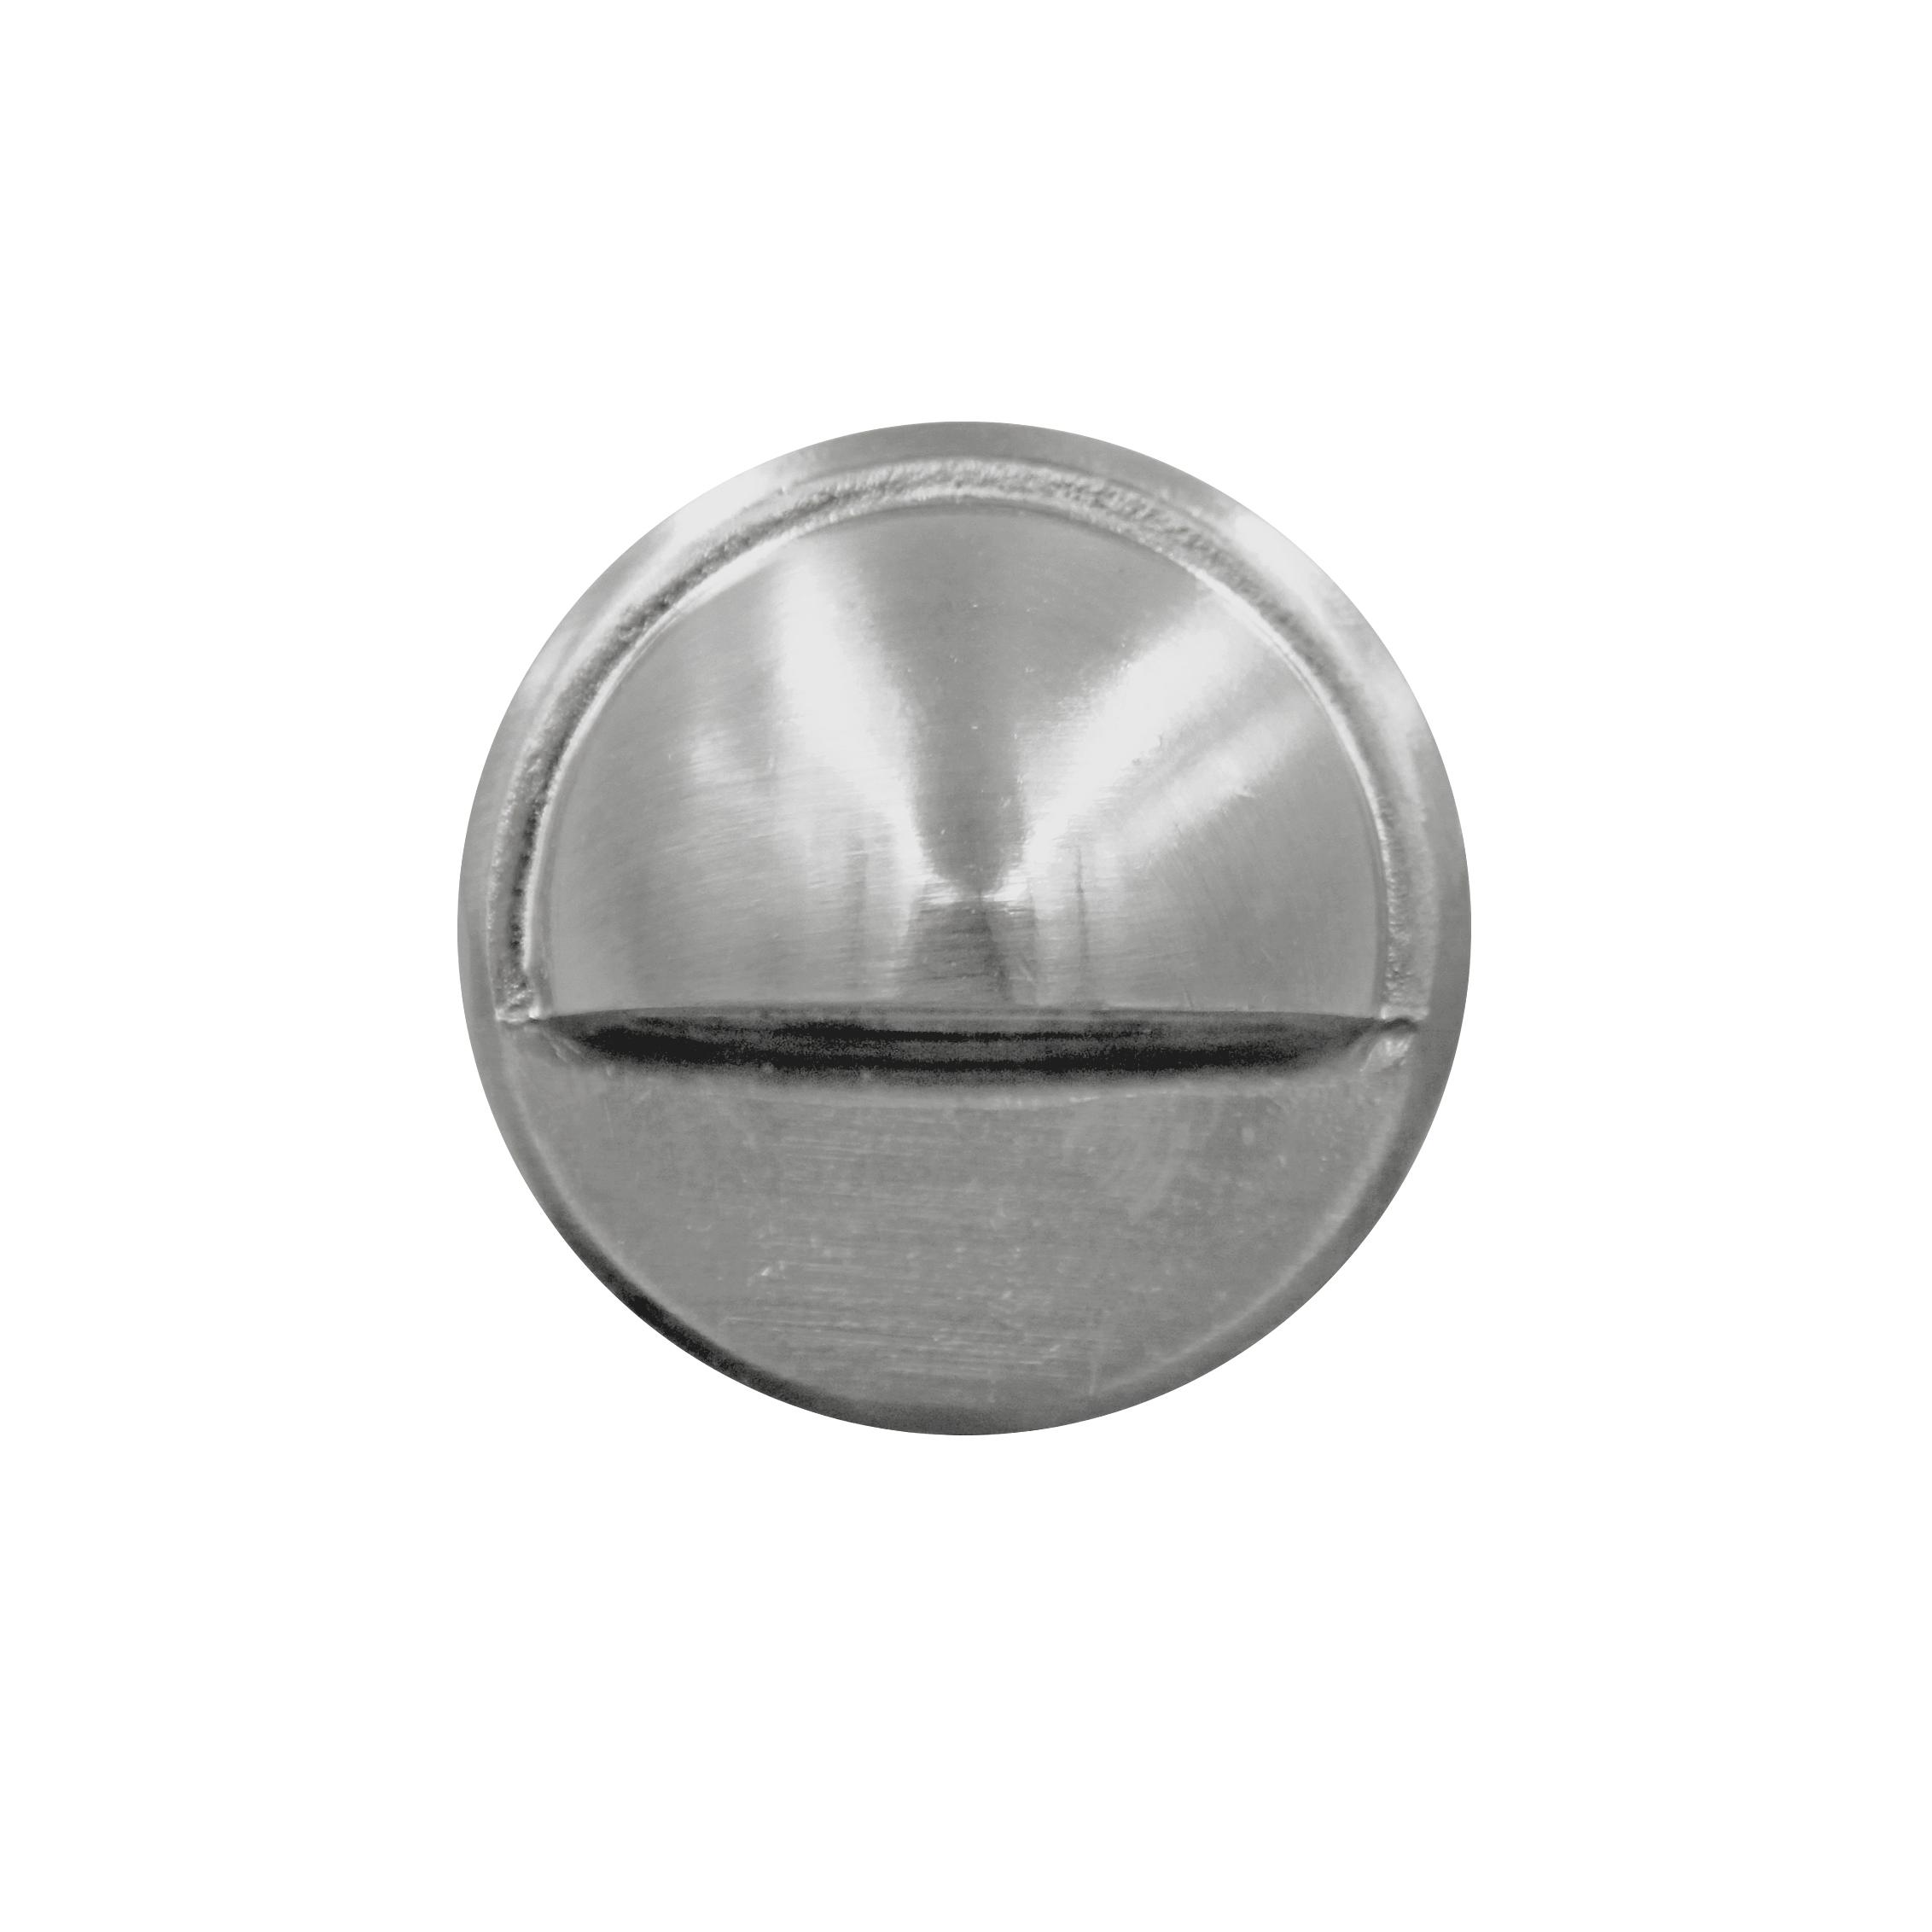 Aries silver 4 lampor Trädgårdsbelysning - Lightson